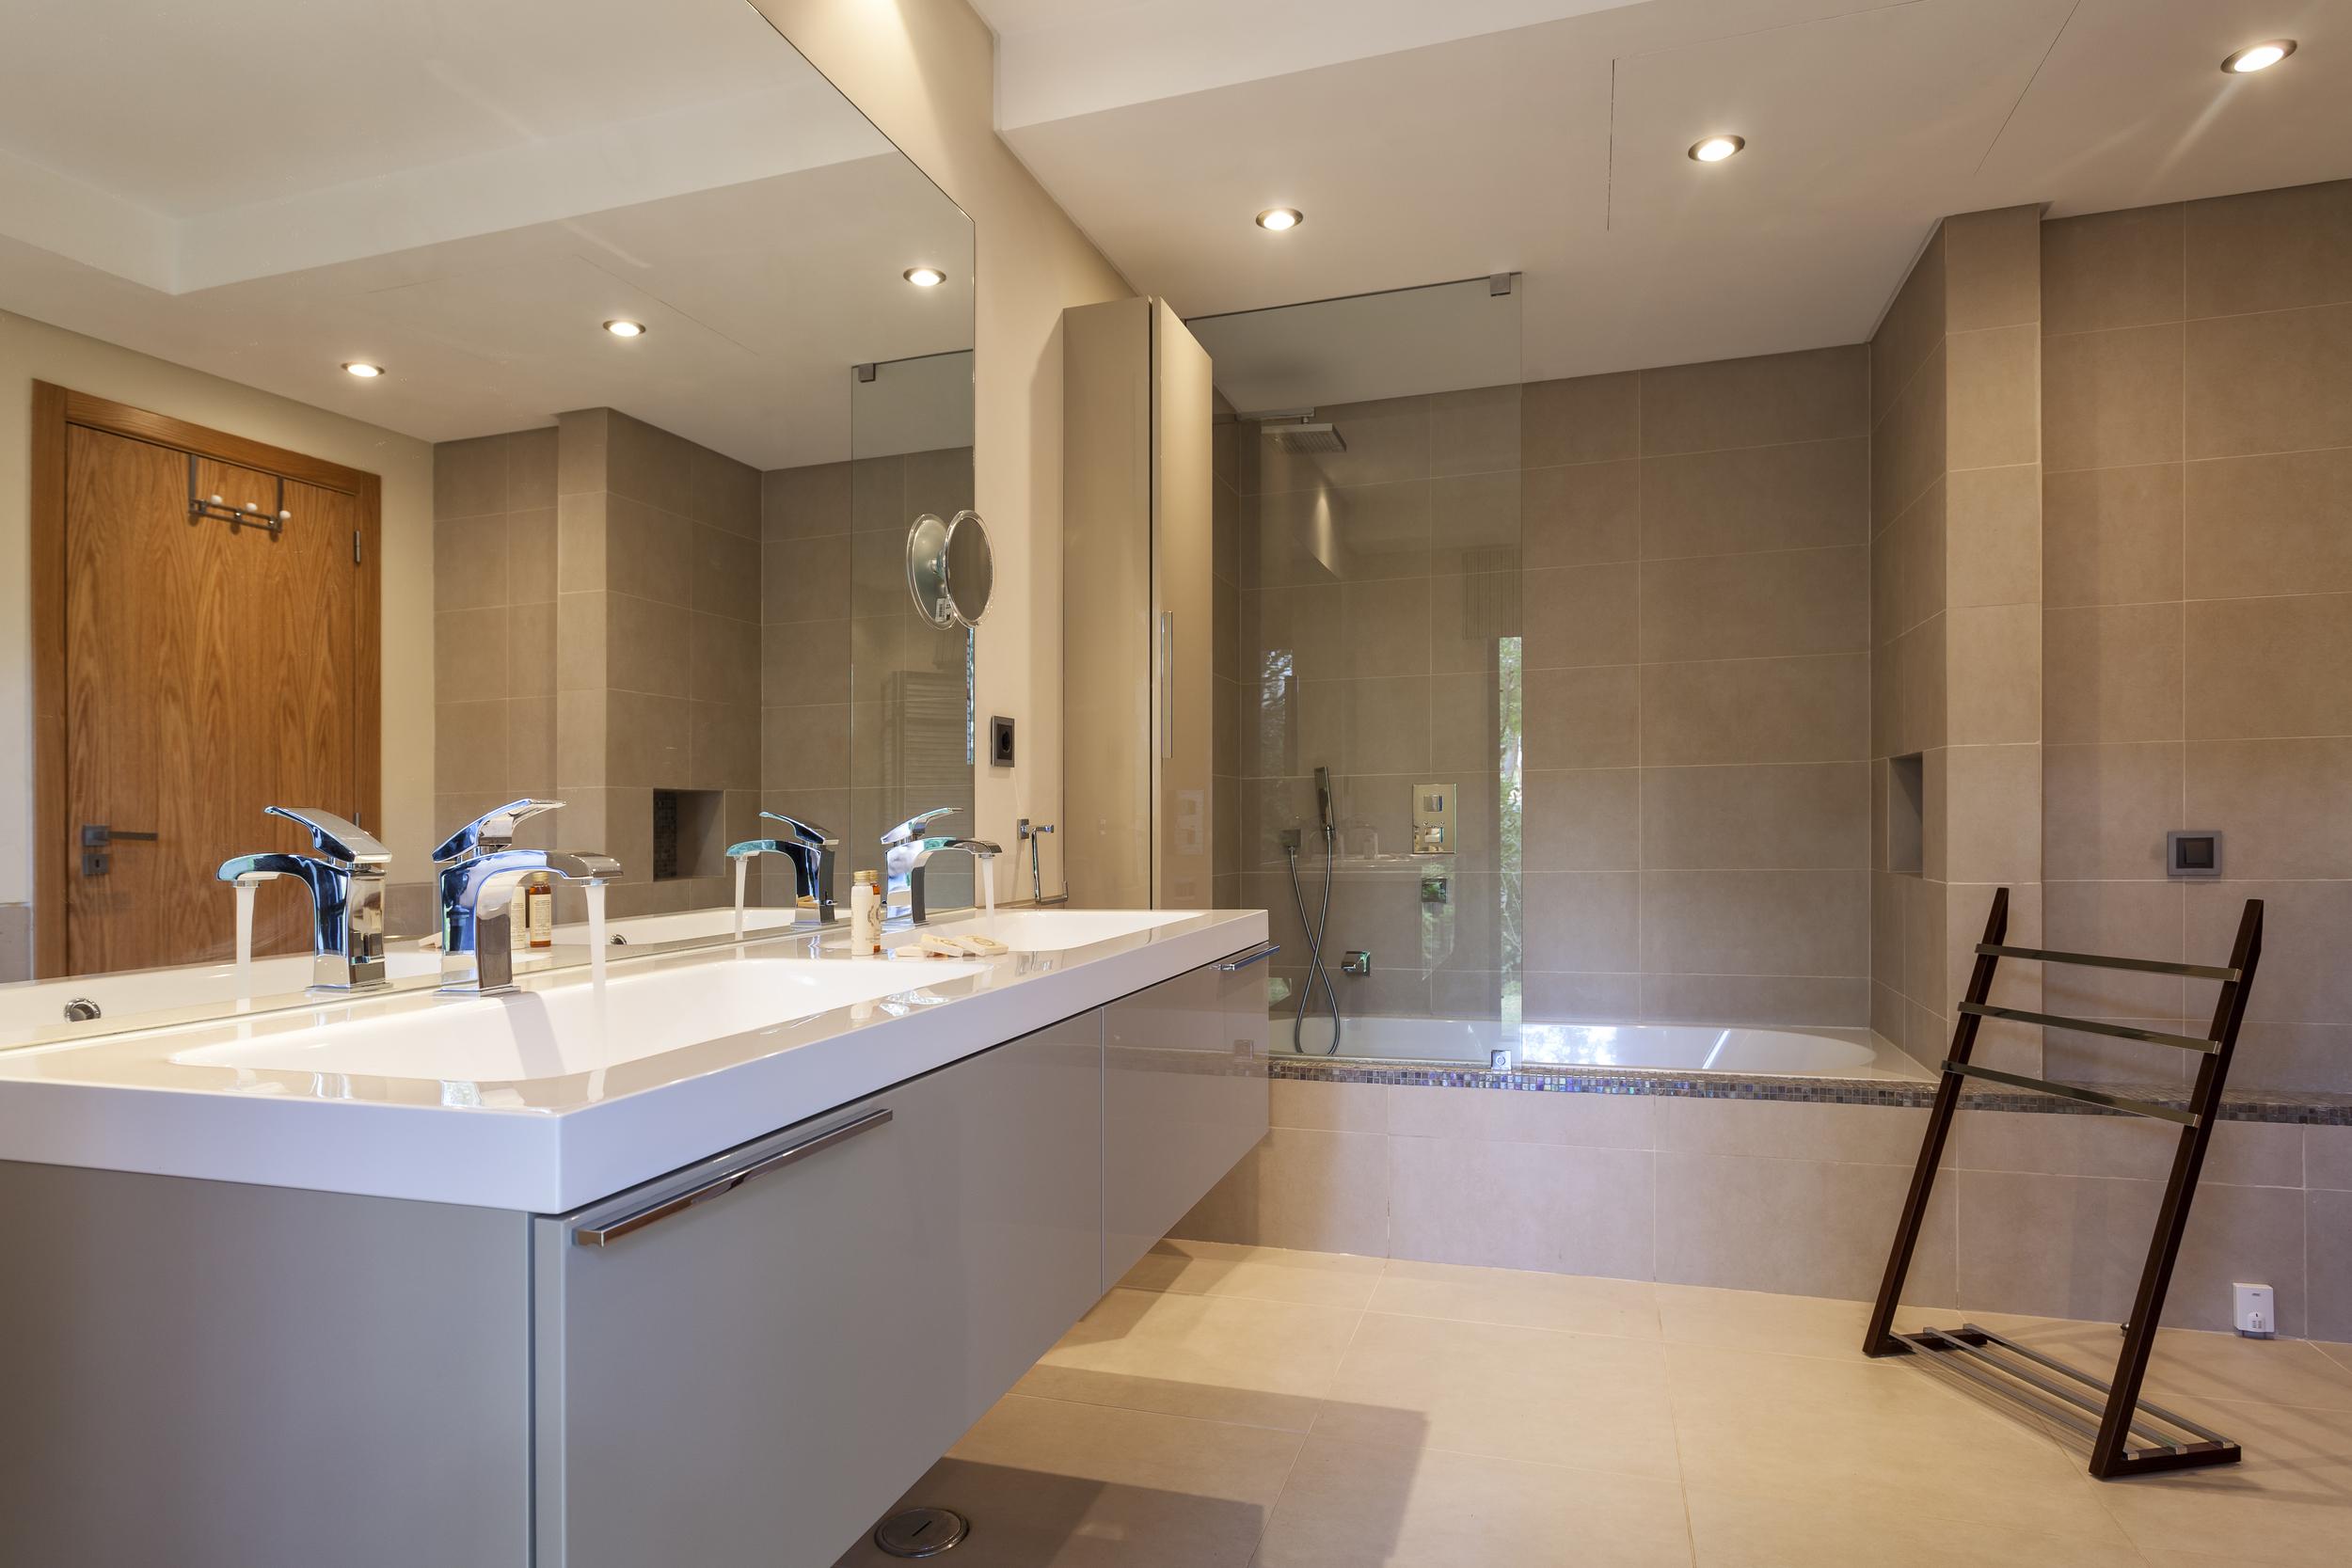 4 bedroom villa to rent in Quinta do Lago, RLV, Villa Serpentine, 1.jpg